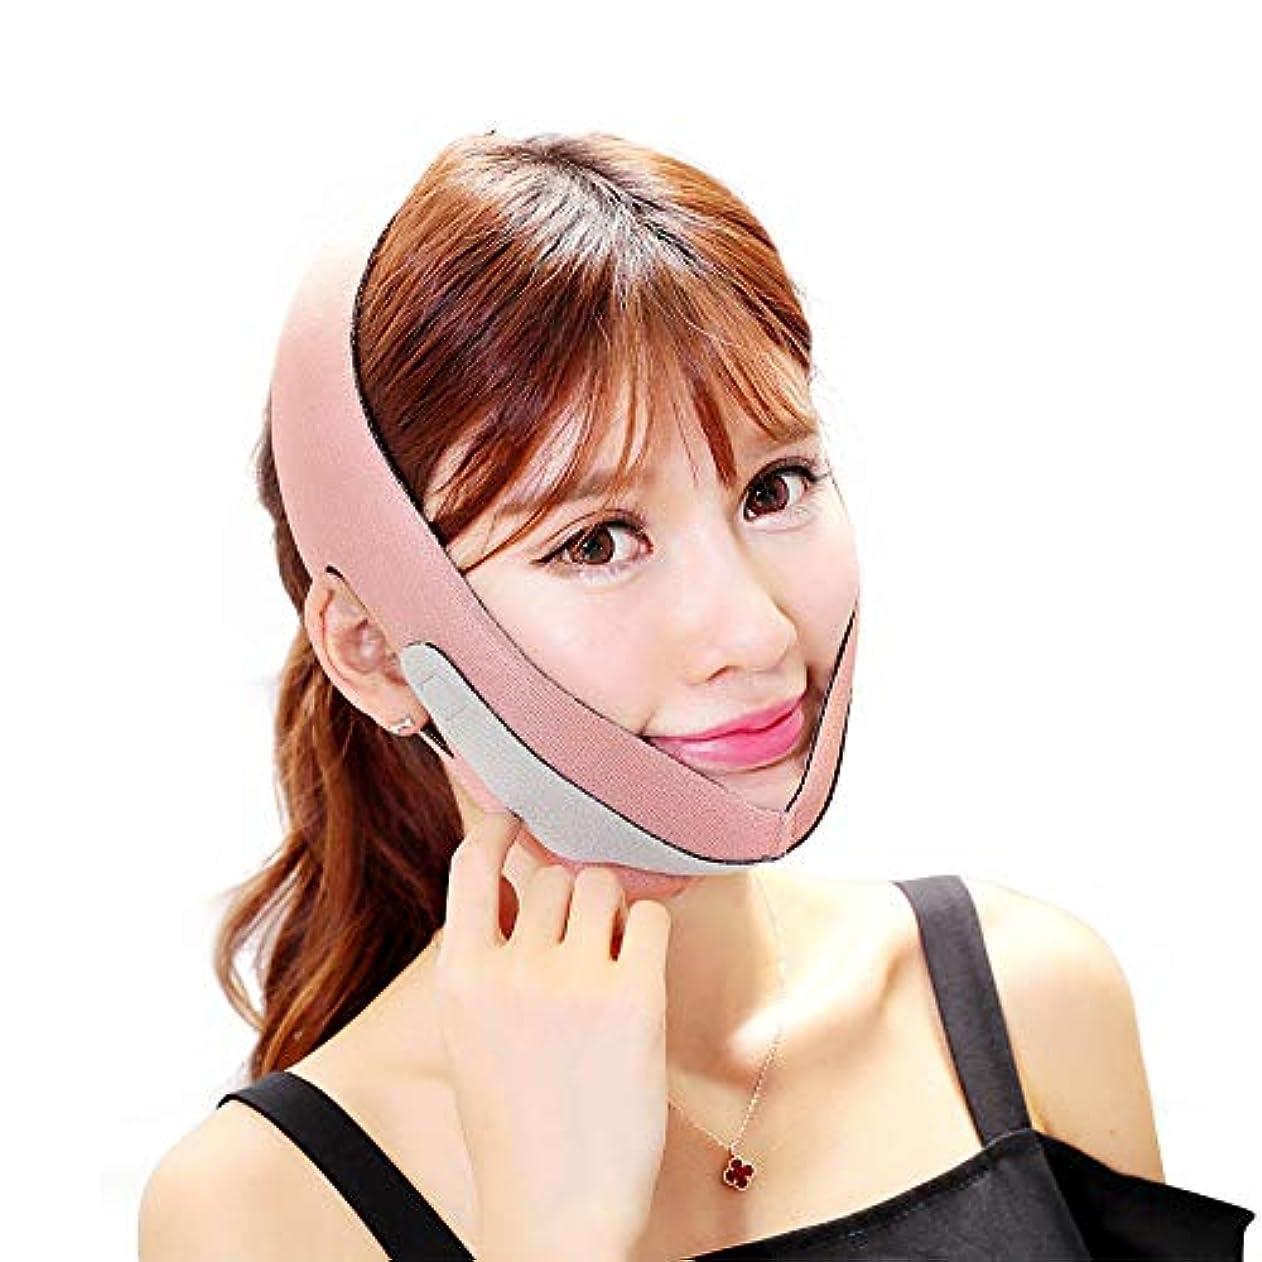 胸ローマ人再編成する【Maveni】小顔 ベルト 美顔 顔痩せ 最新型 リフトアップベルト フェイスマスク メンズ レディース